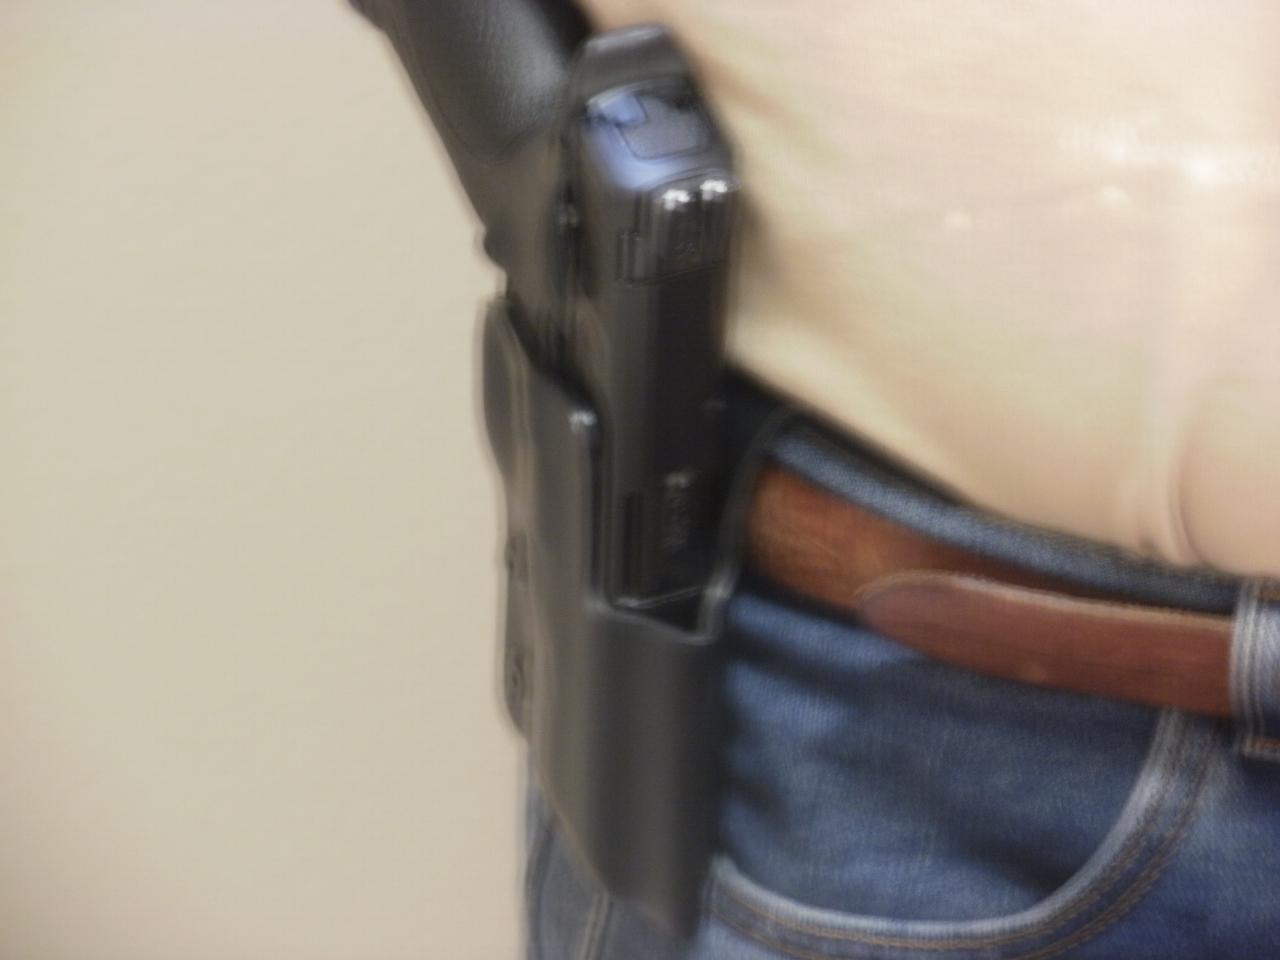 OWB Concealed Carry-p3030362.jpg